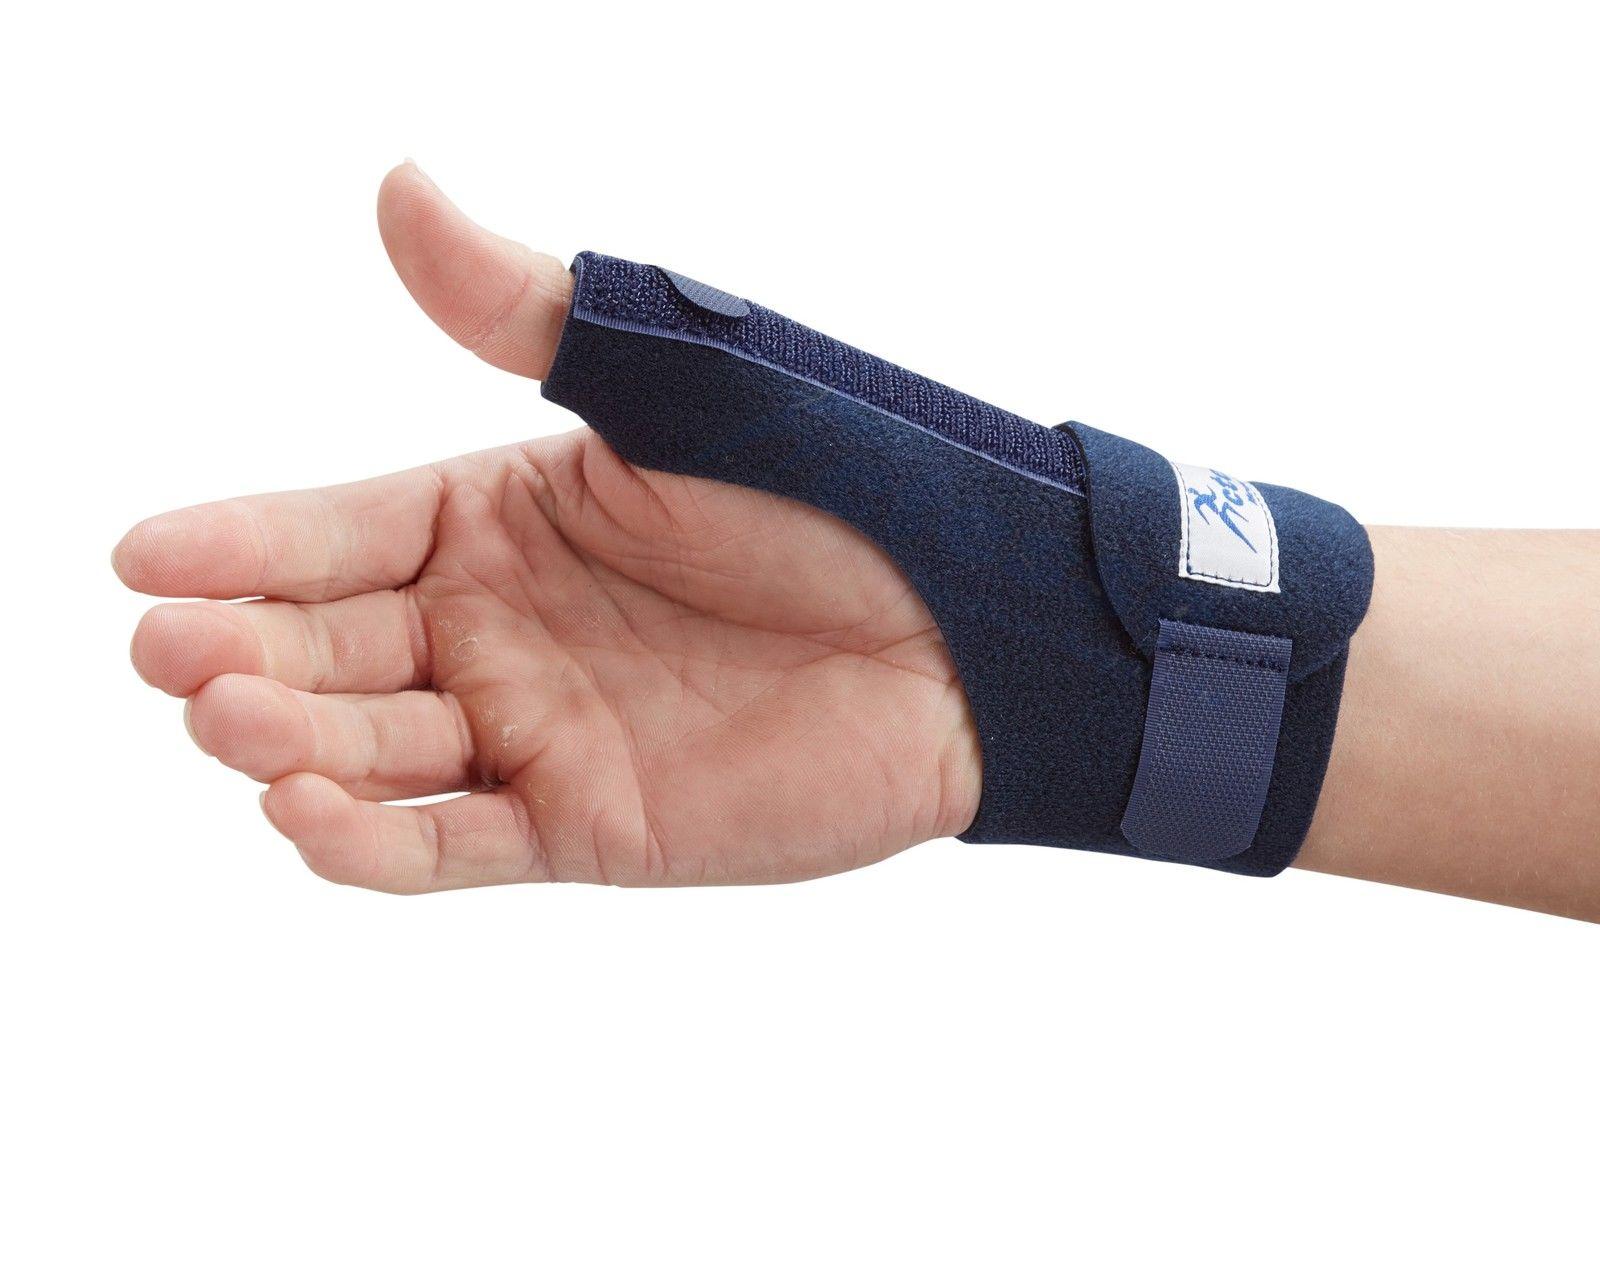 Thumb Spica Support Strap - De Quervains Splint Brace ...